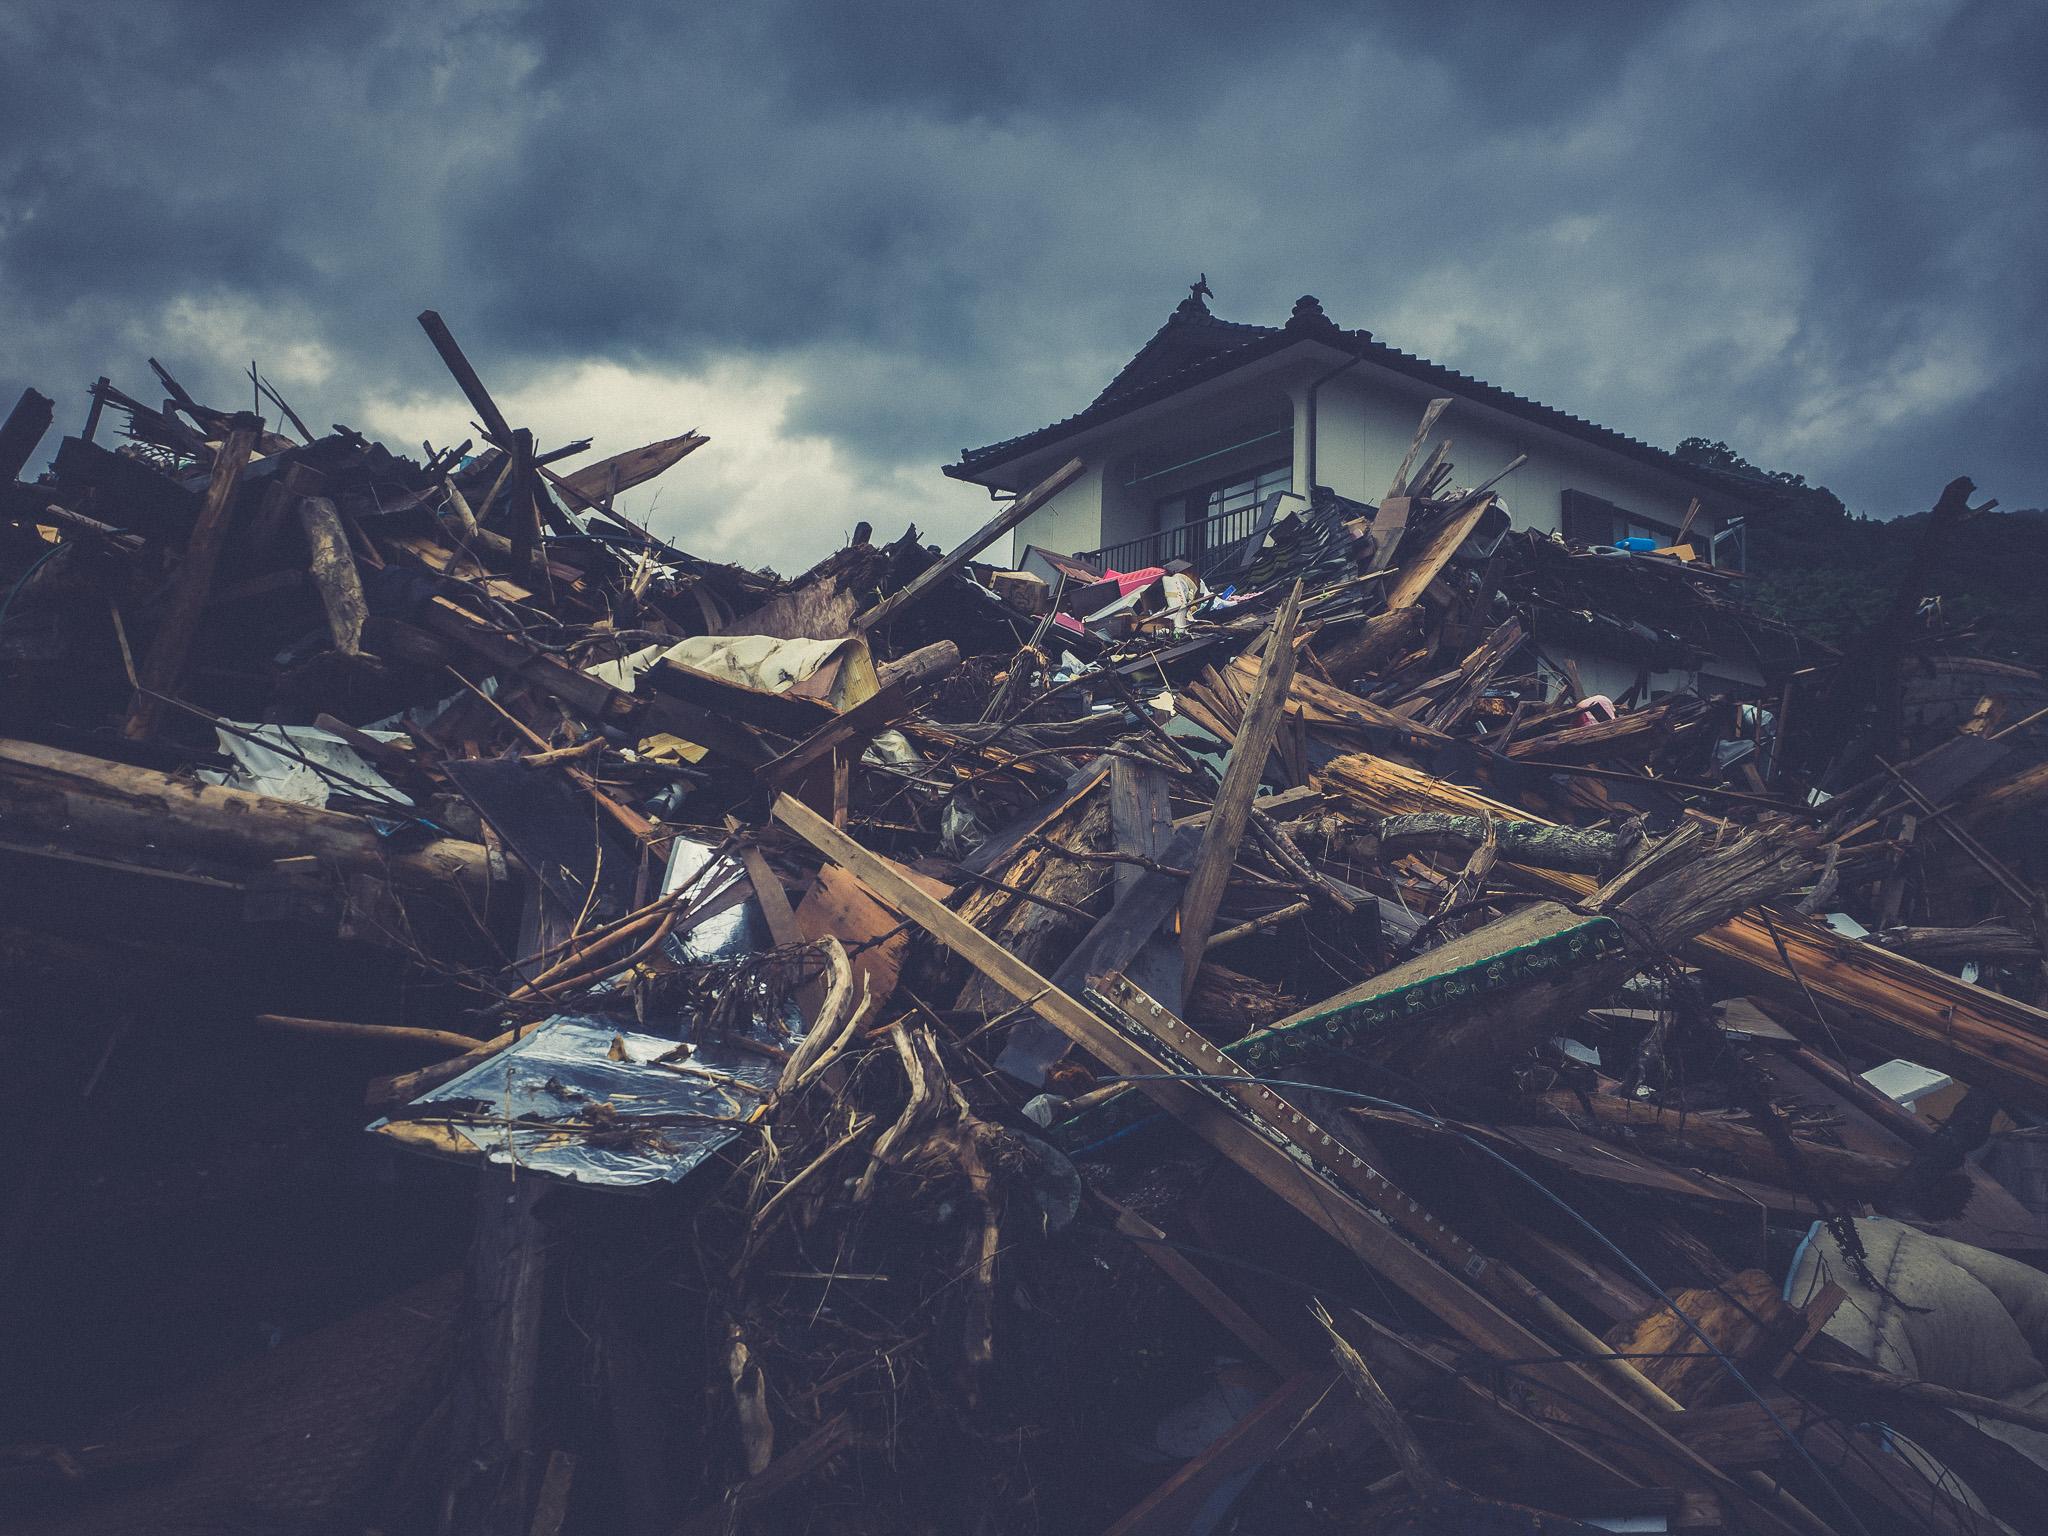 球磨村被害状況